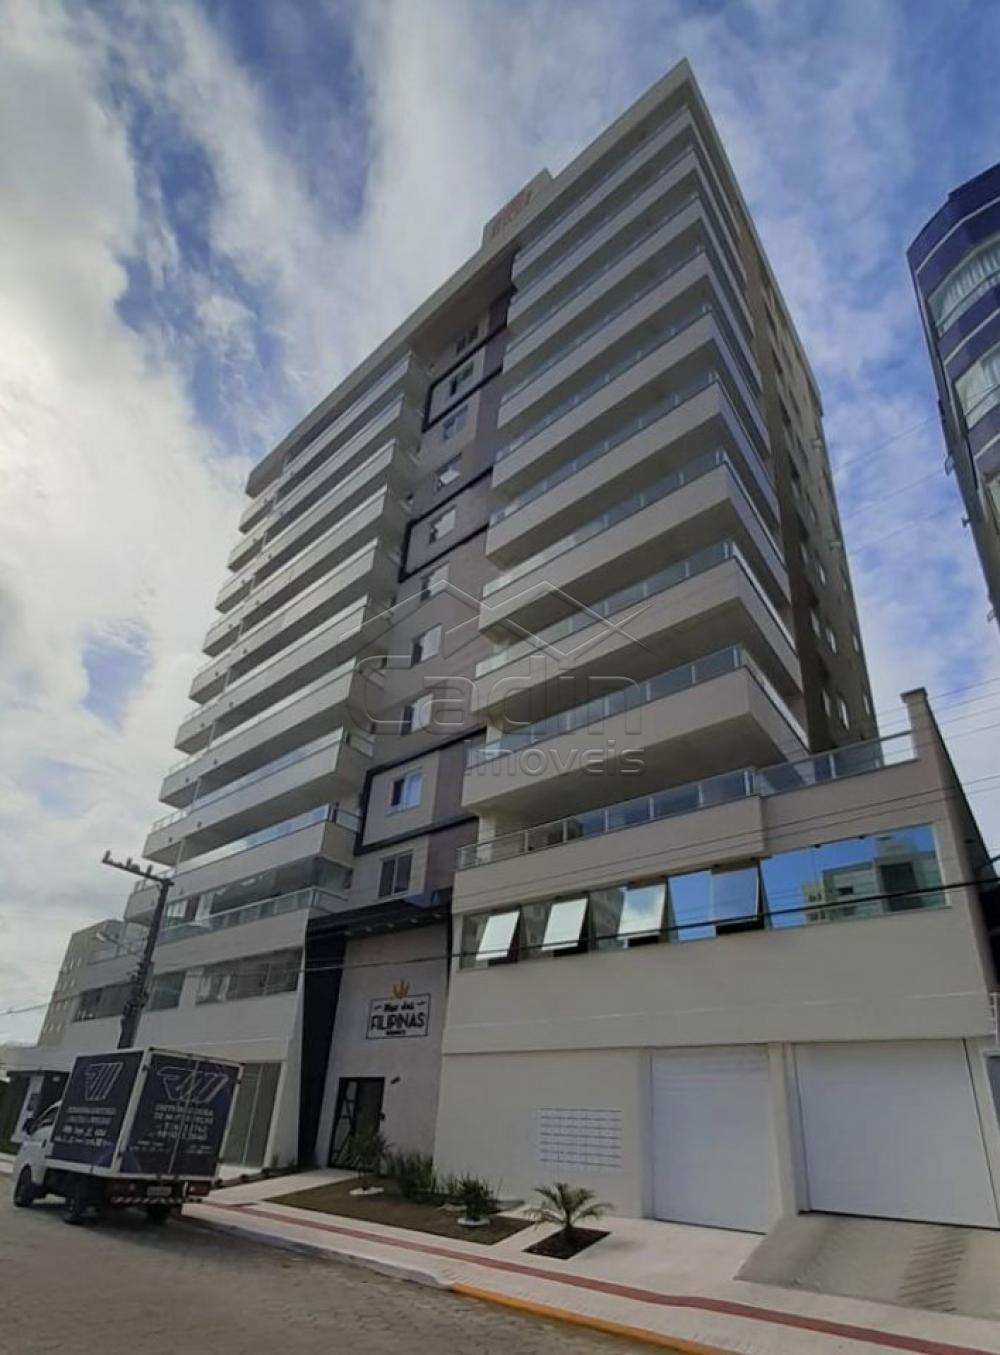 Comprar Apartamento / Padrão em Navegantes R$ 680.000,00 - Foto 1